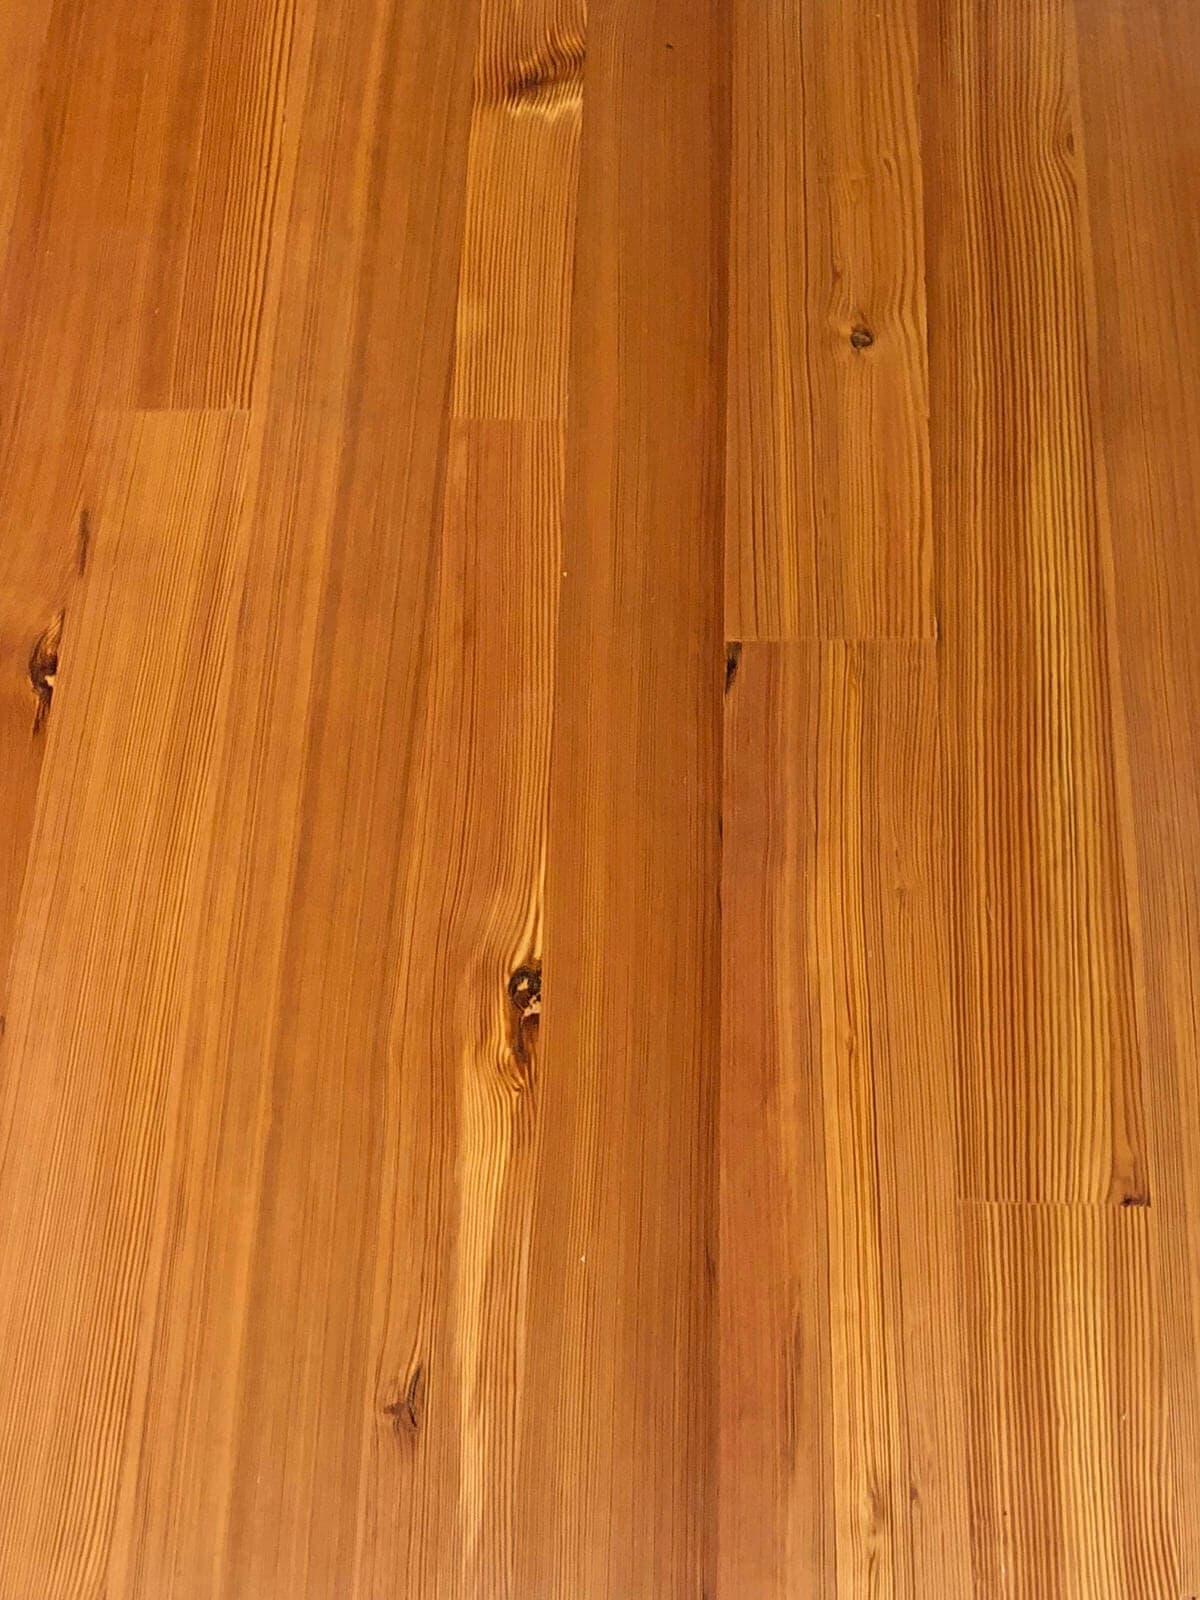 vertical grain heart pine closeup of floor planks